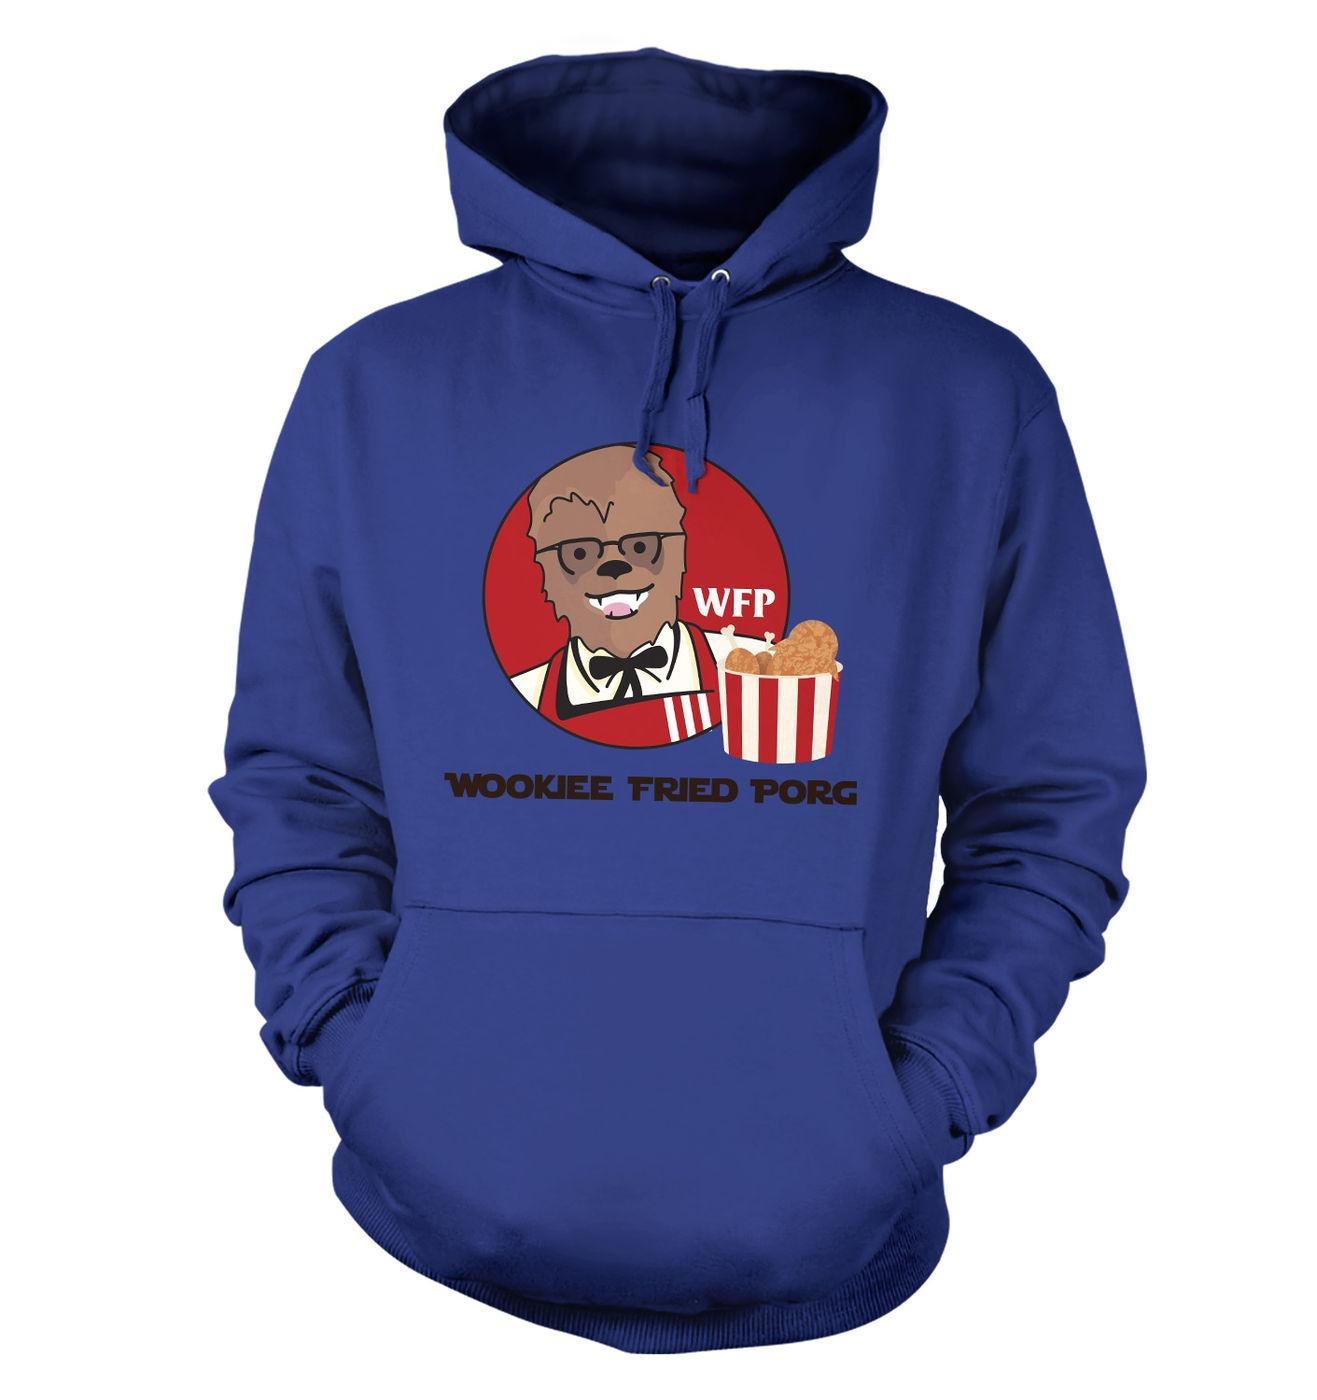 Wookiee Fried Porg hoodie by Something Geeky